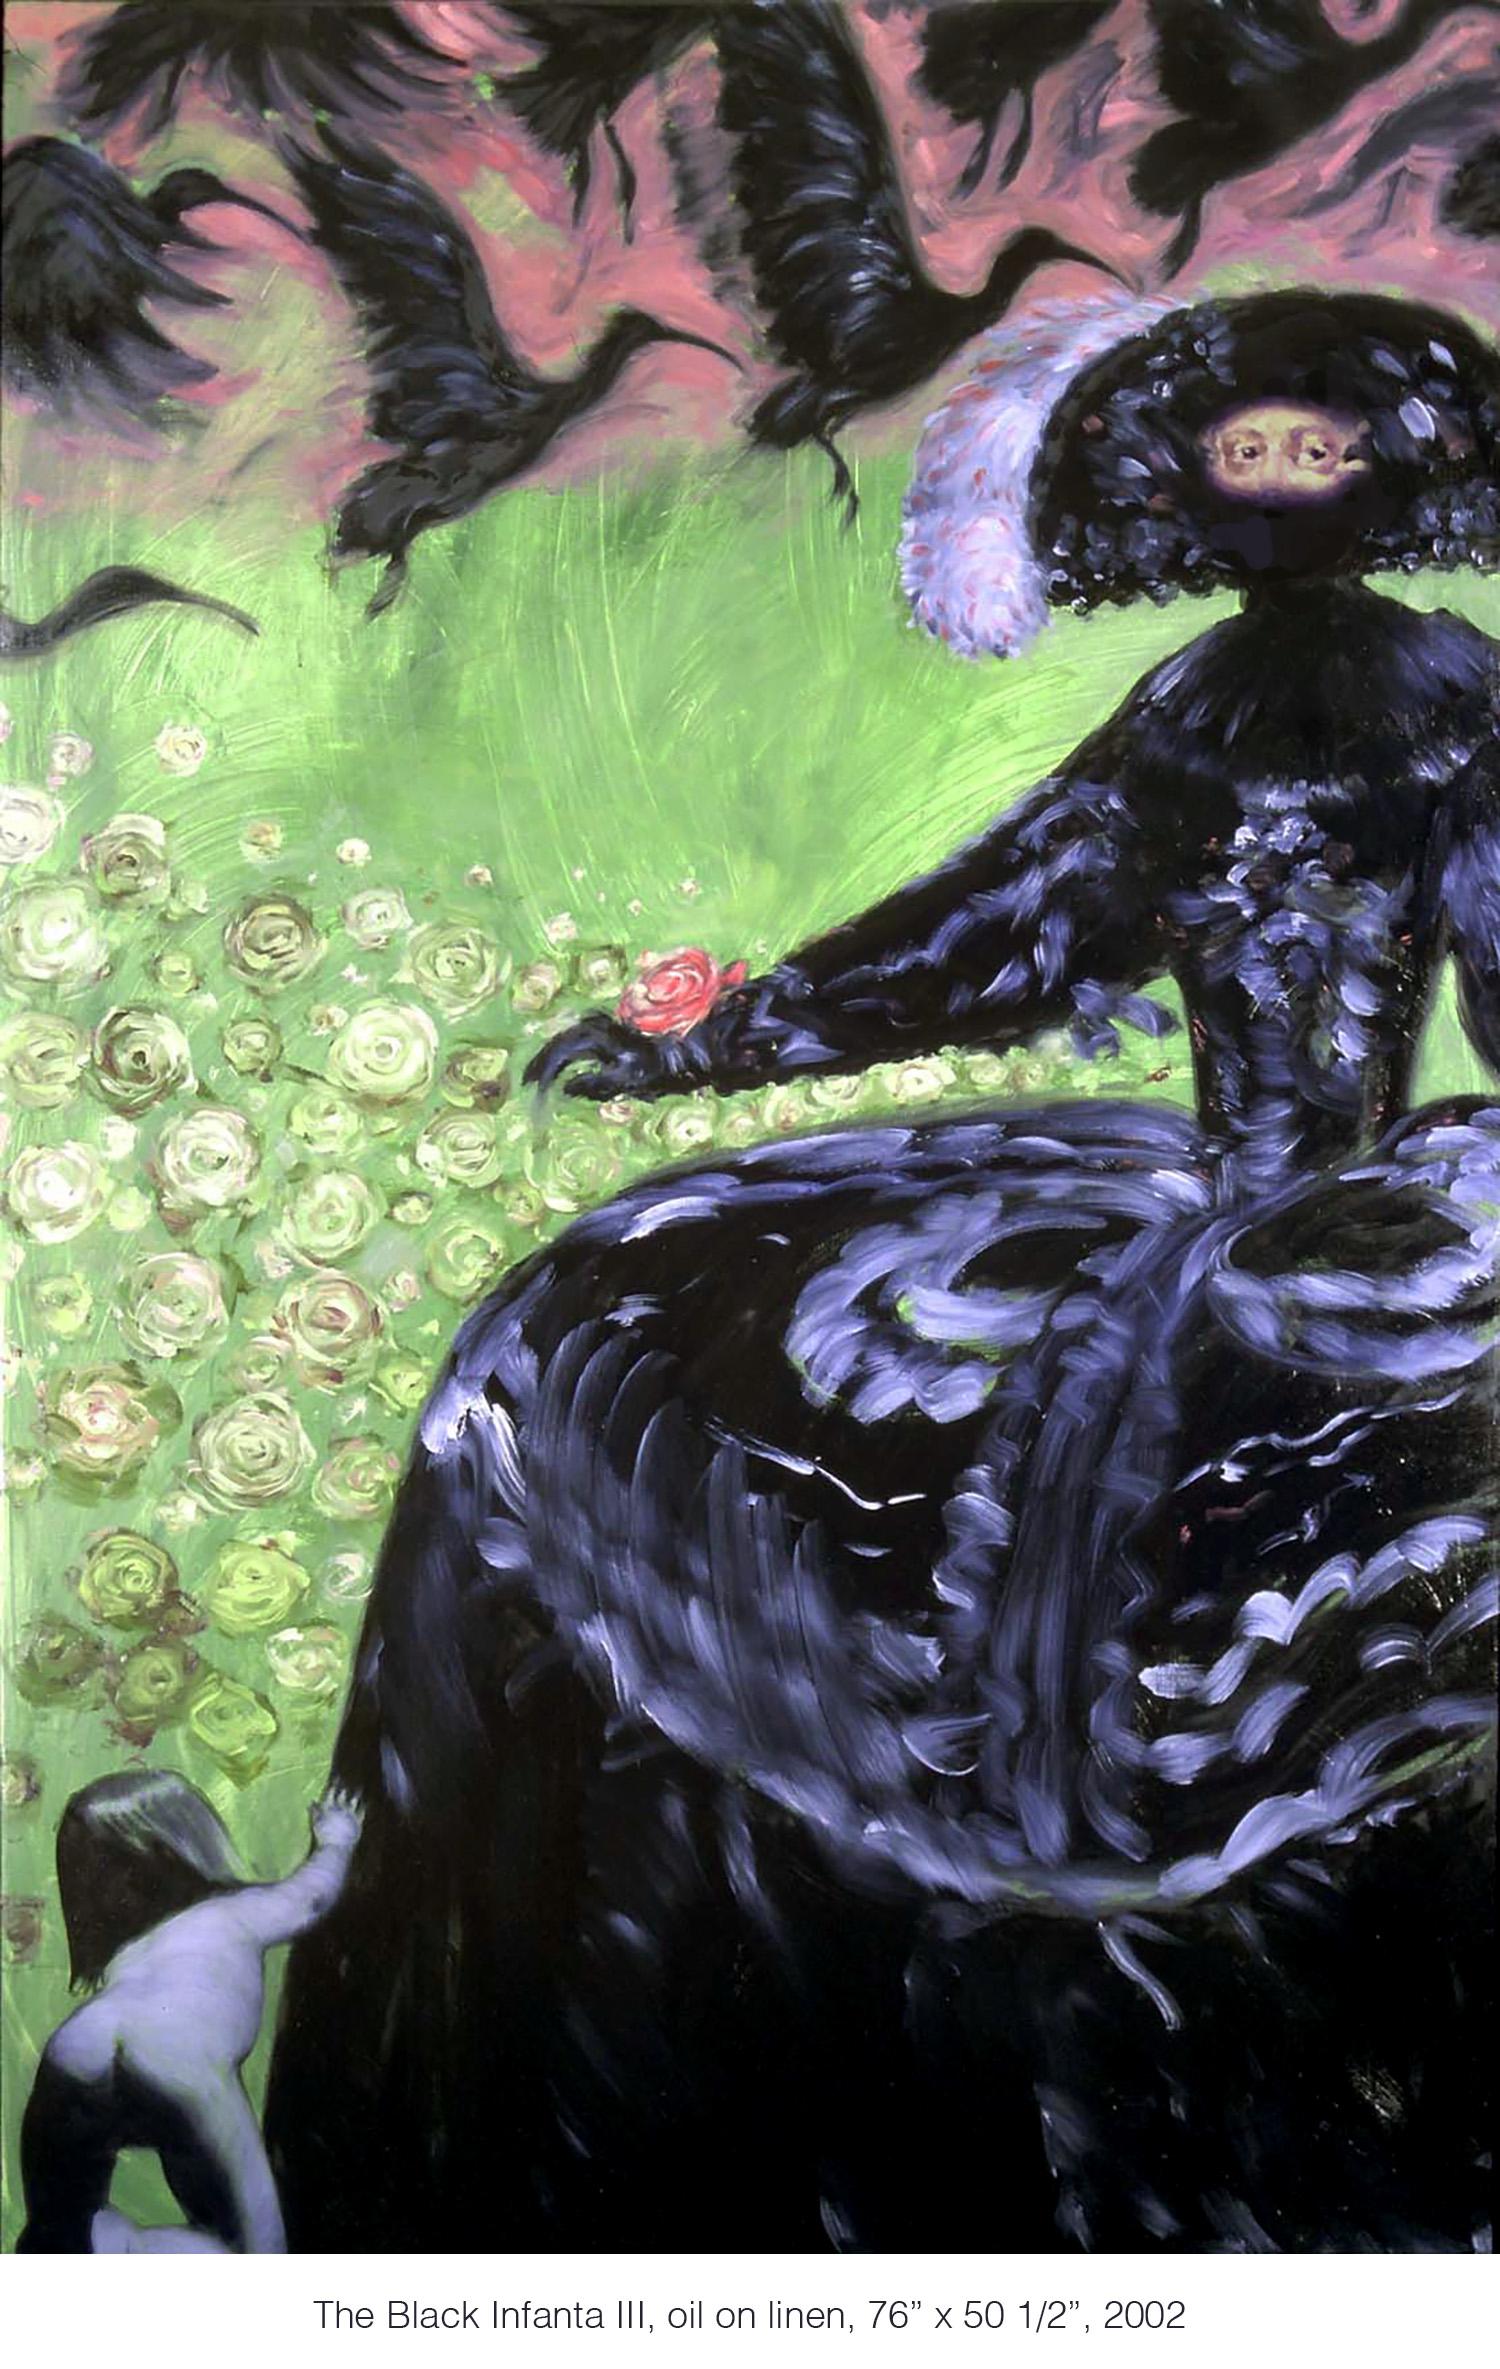 The Black Infanta III_1500.jpg